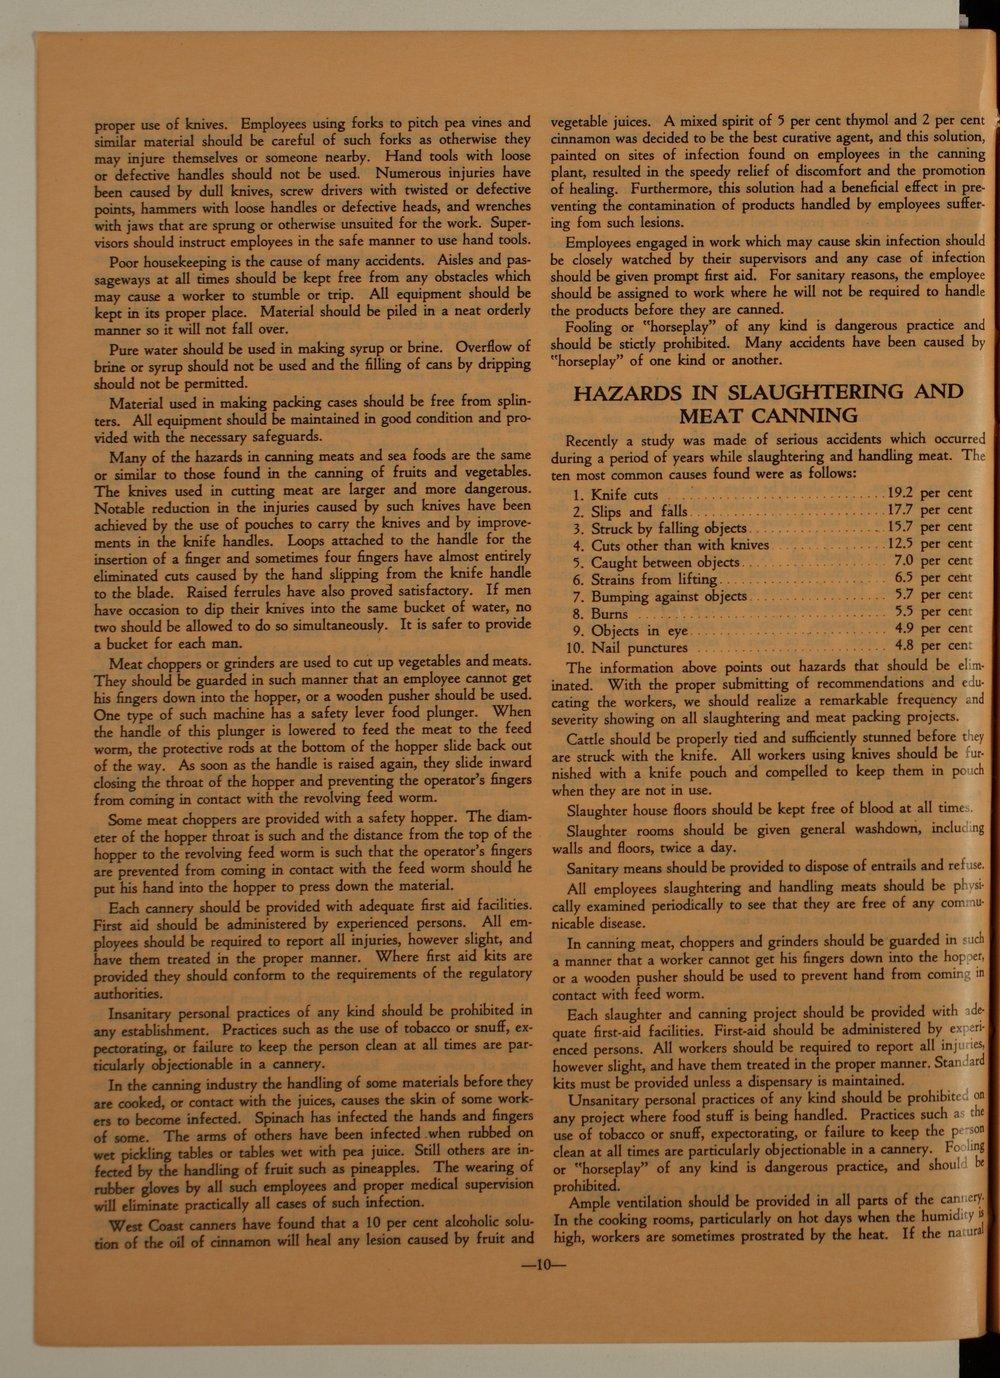 Kansas Emergency Relief Committee, bulletin 105 - 10